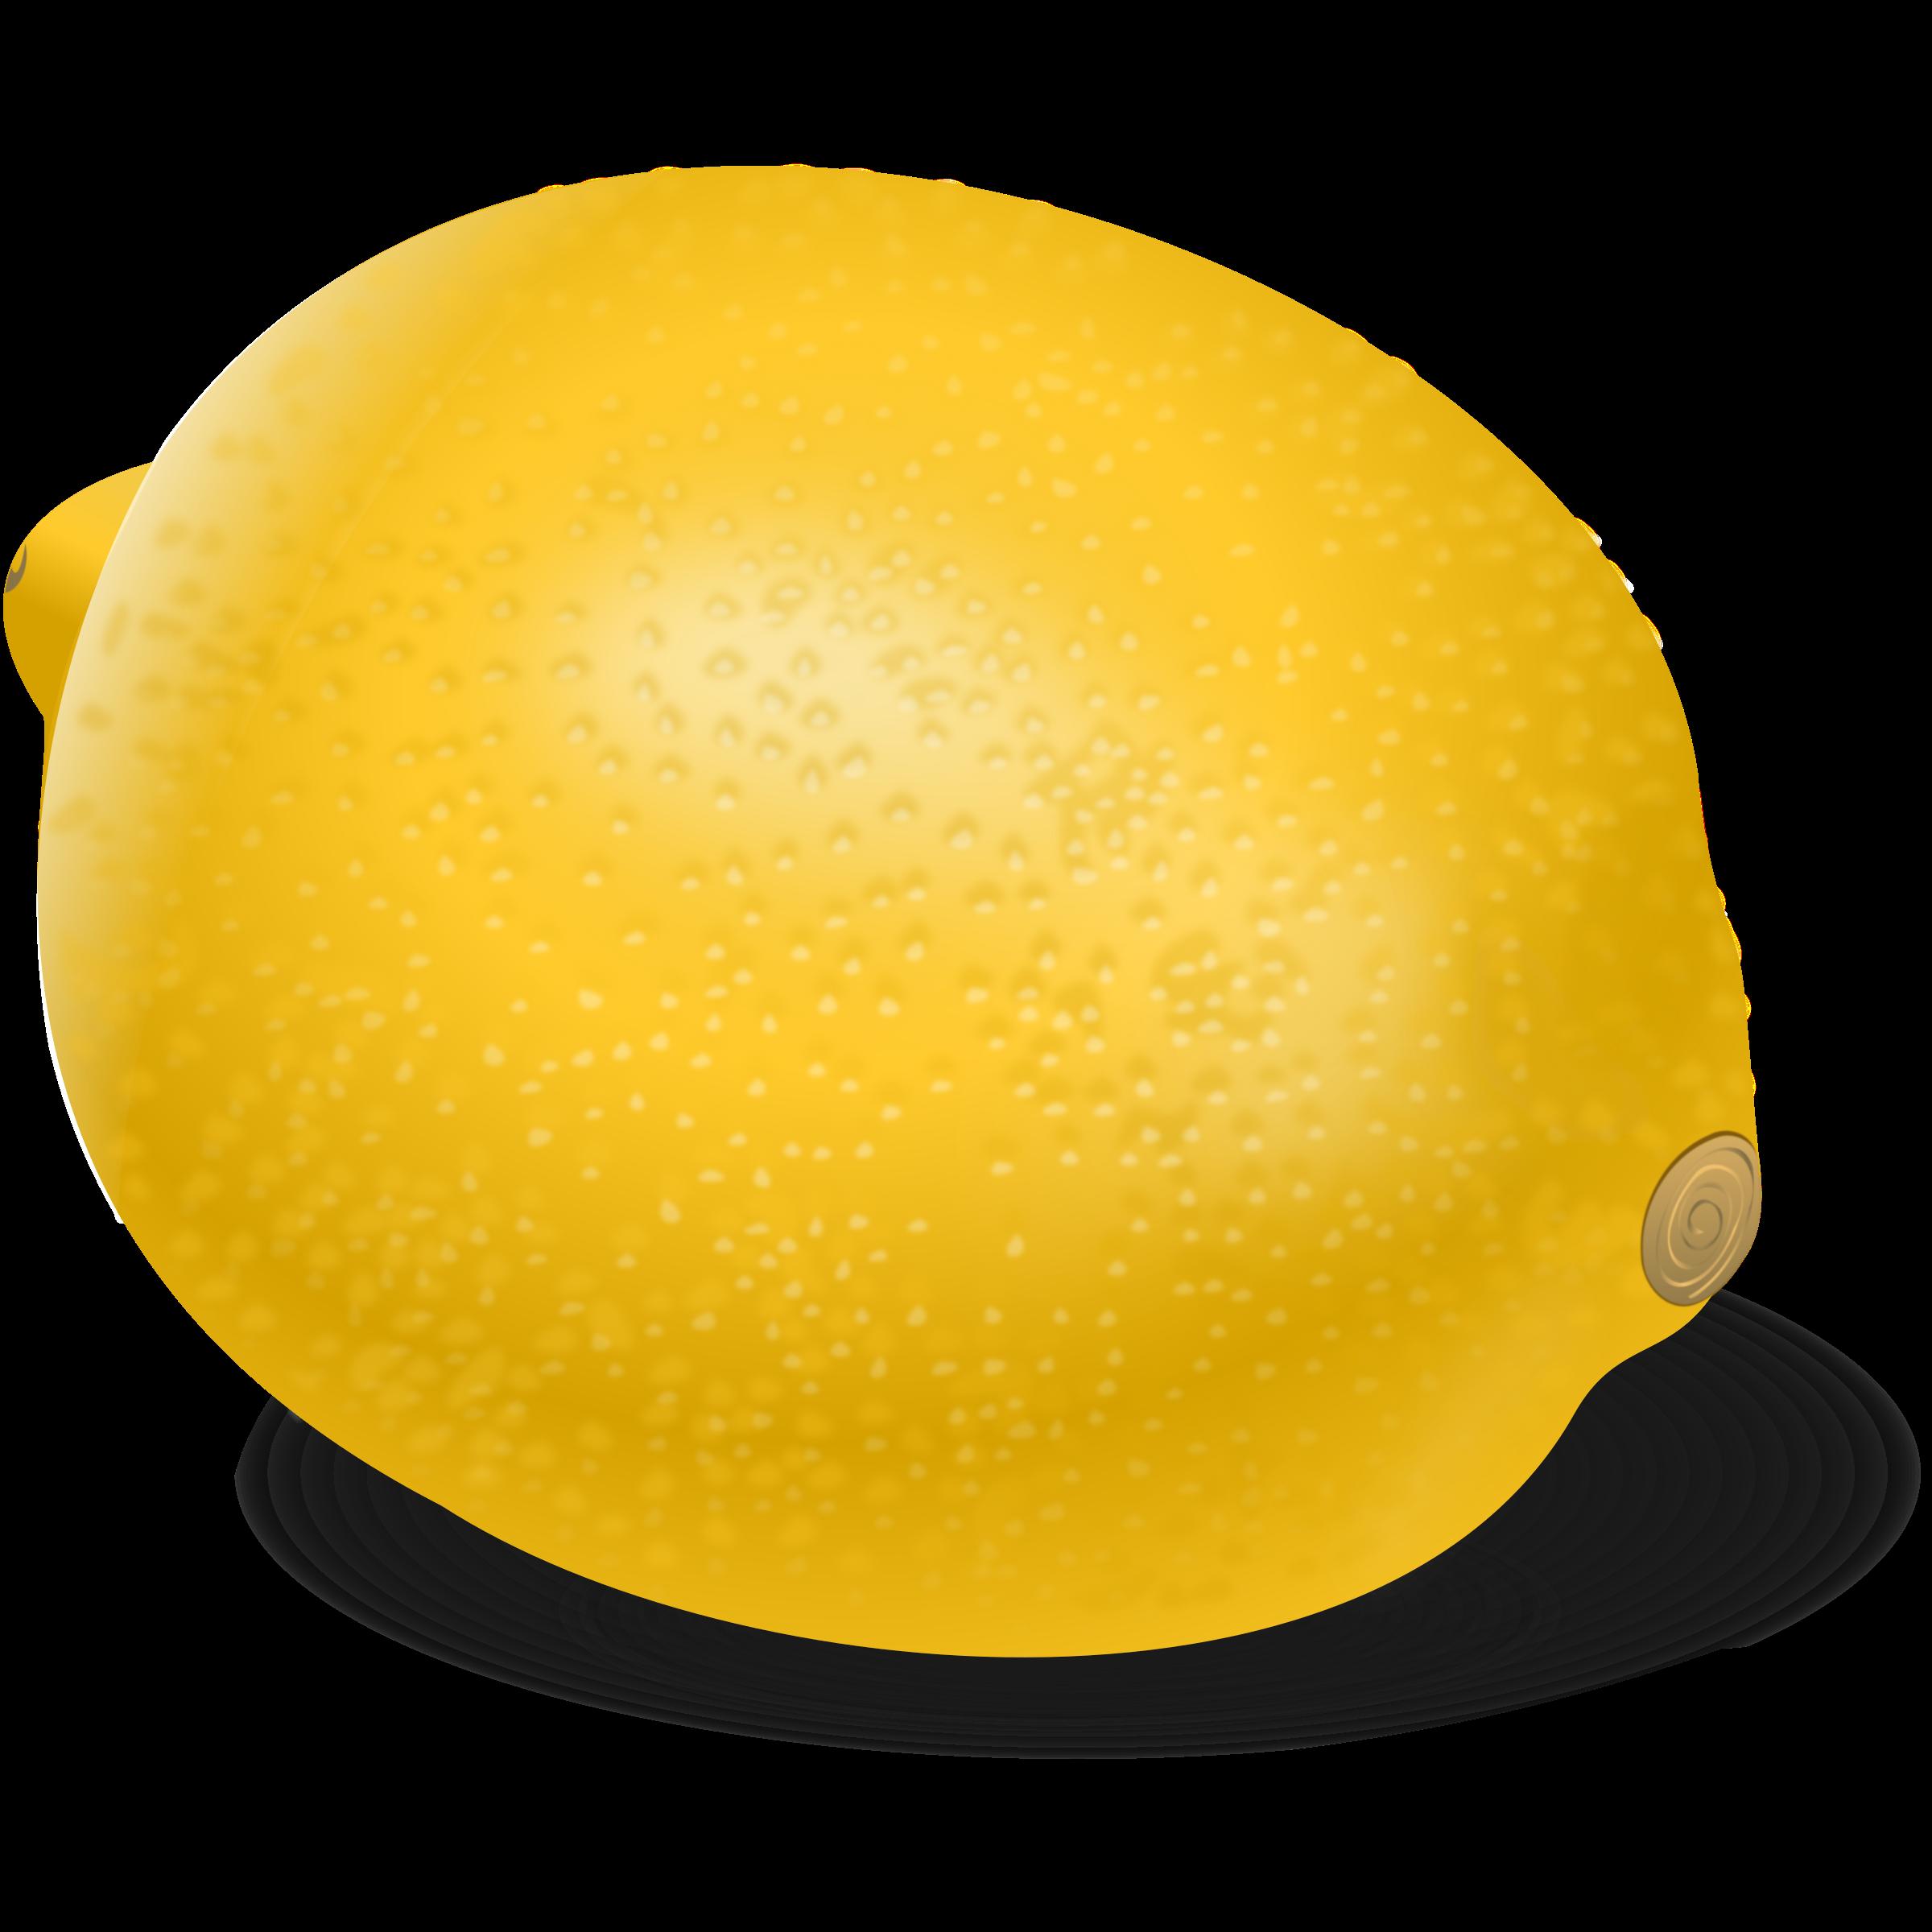 Fruit clipart lemon.